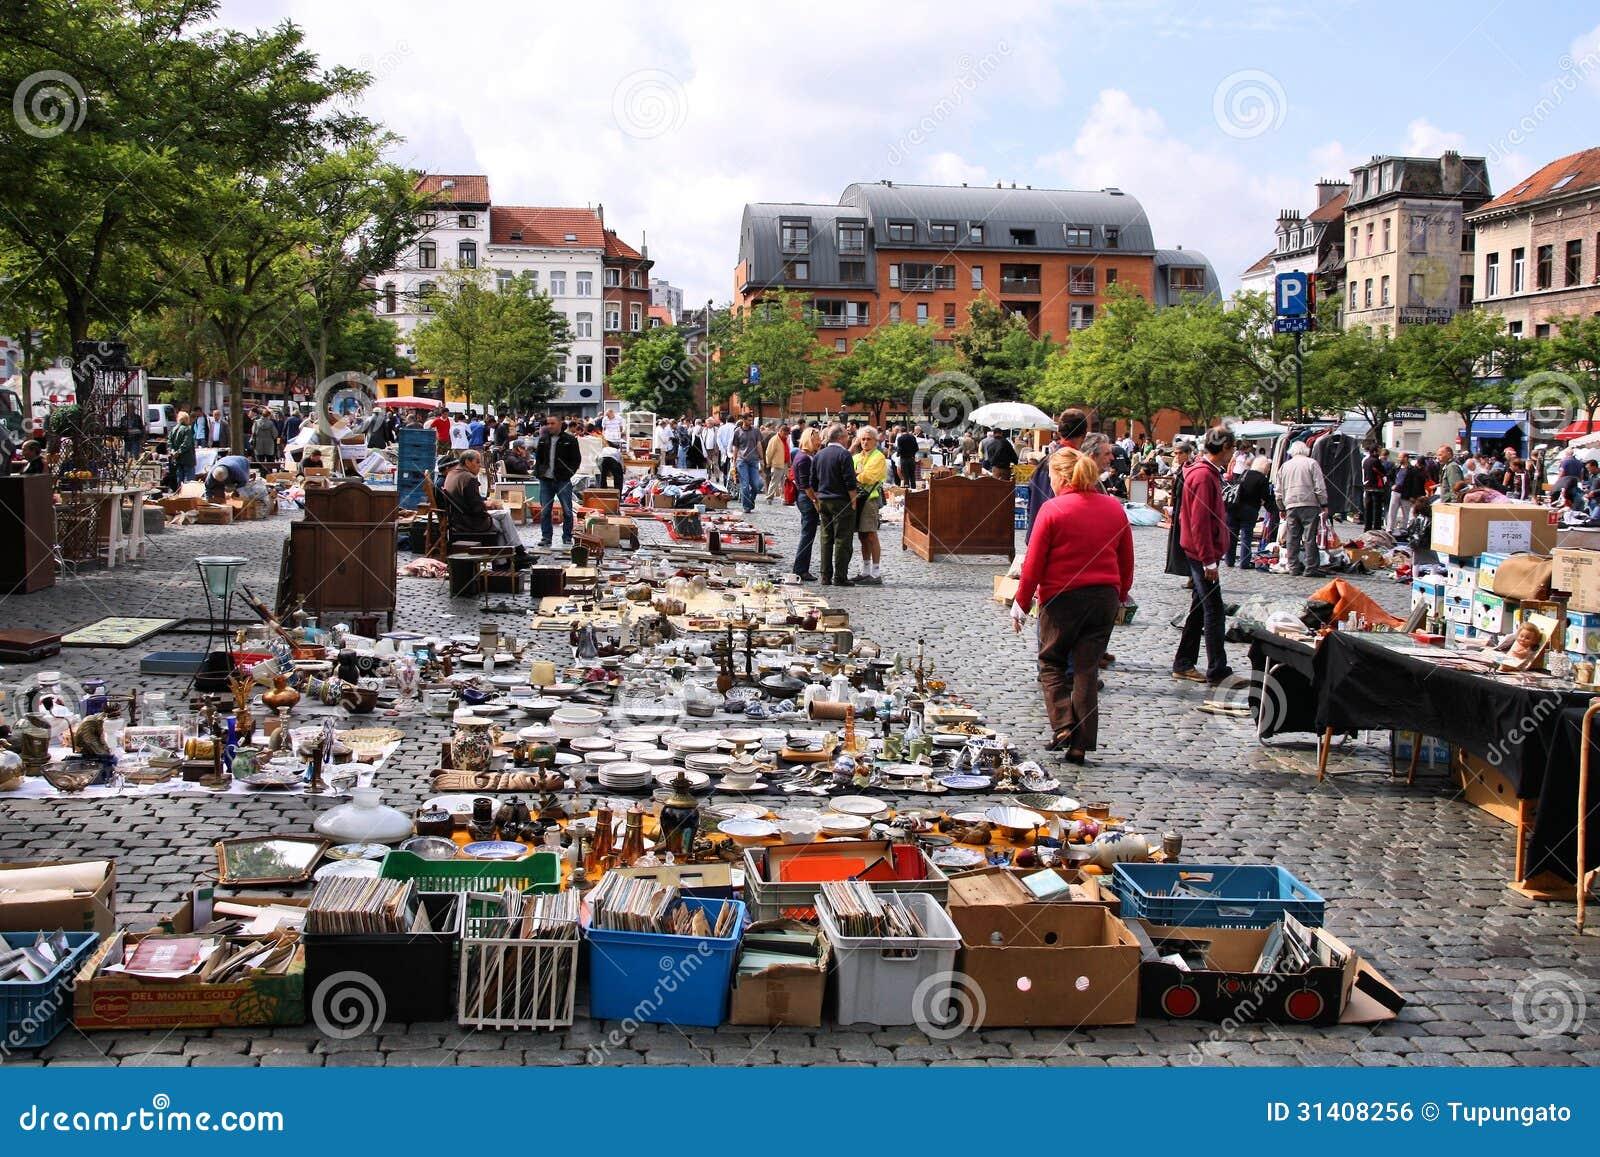 March aux puces de bruxelles photo ditorial image 31408256 - Marche aux puces dijon ...